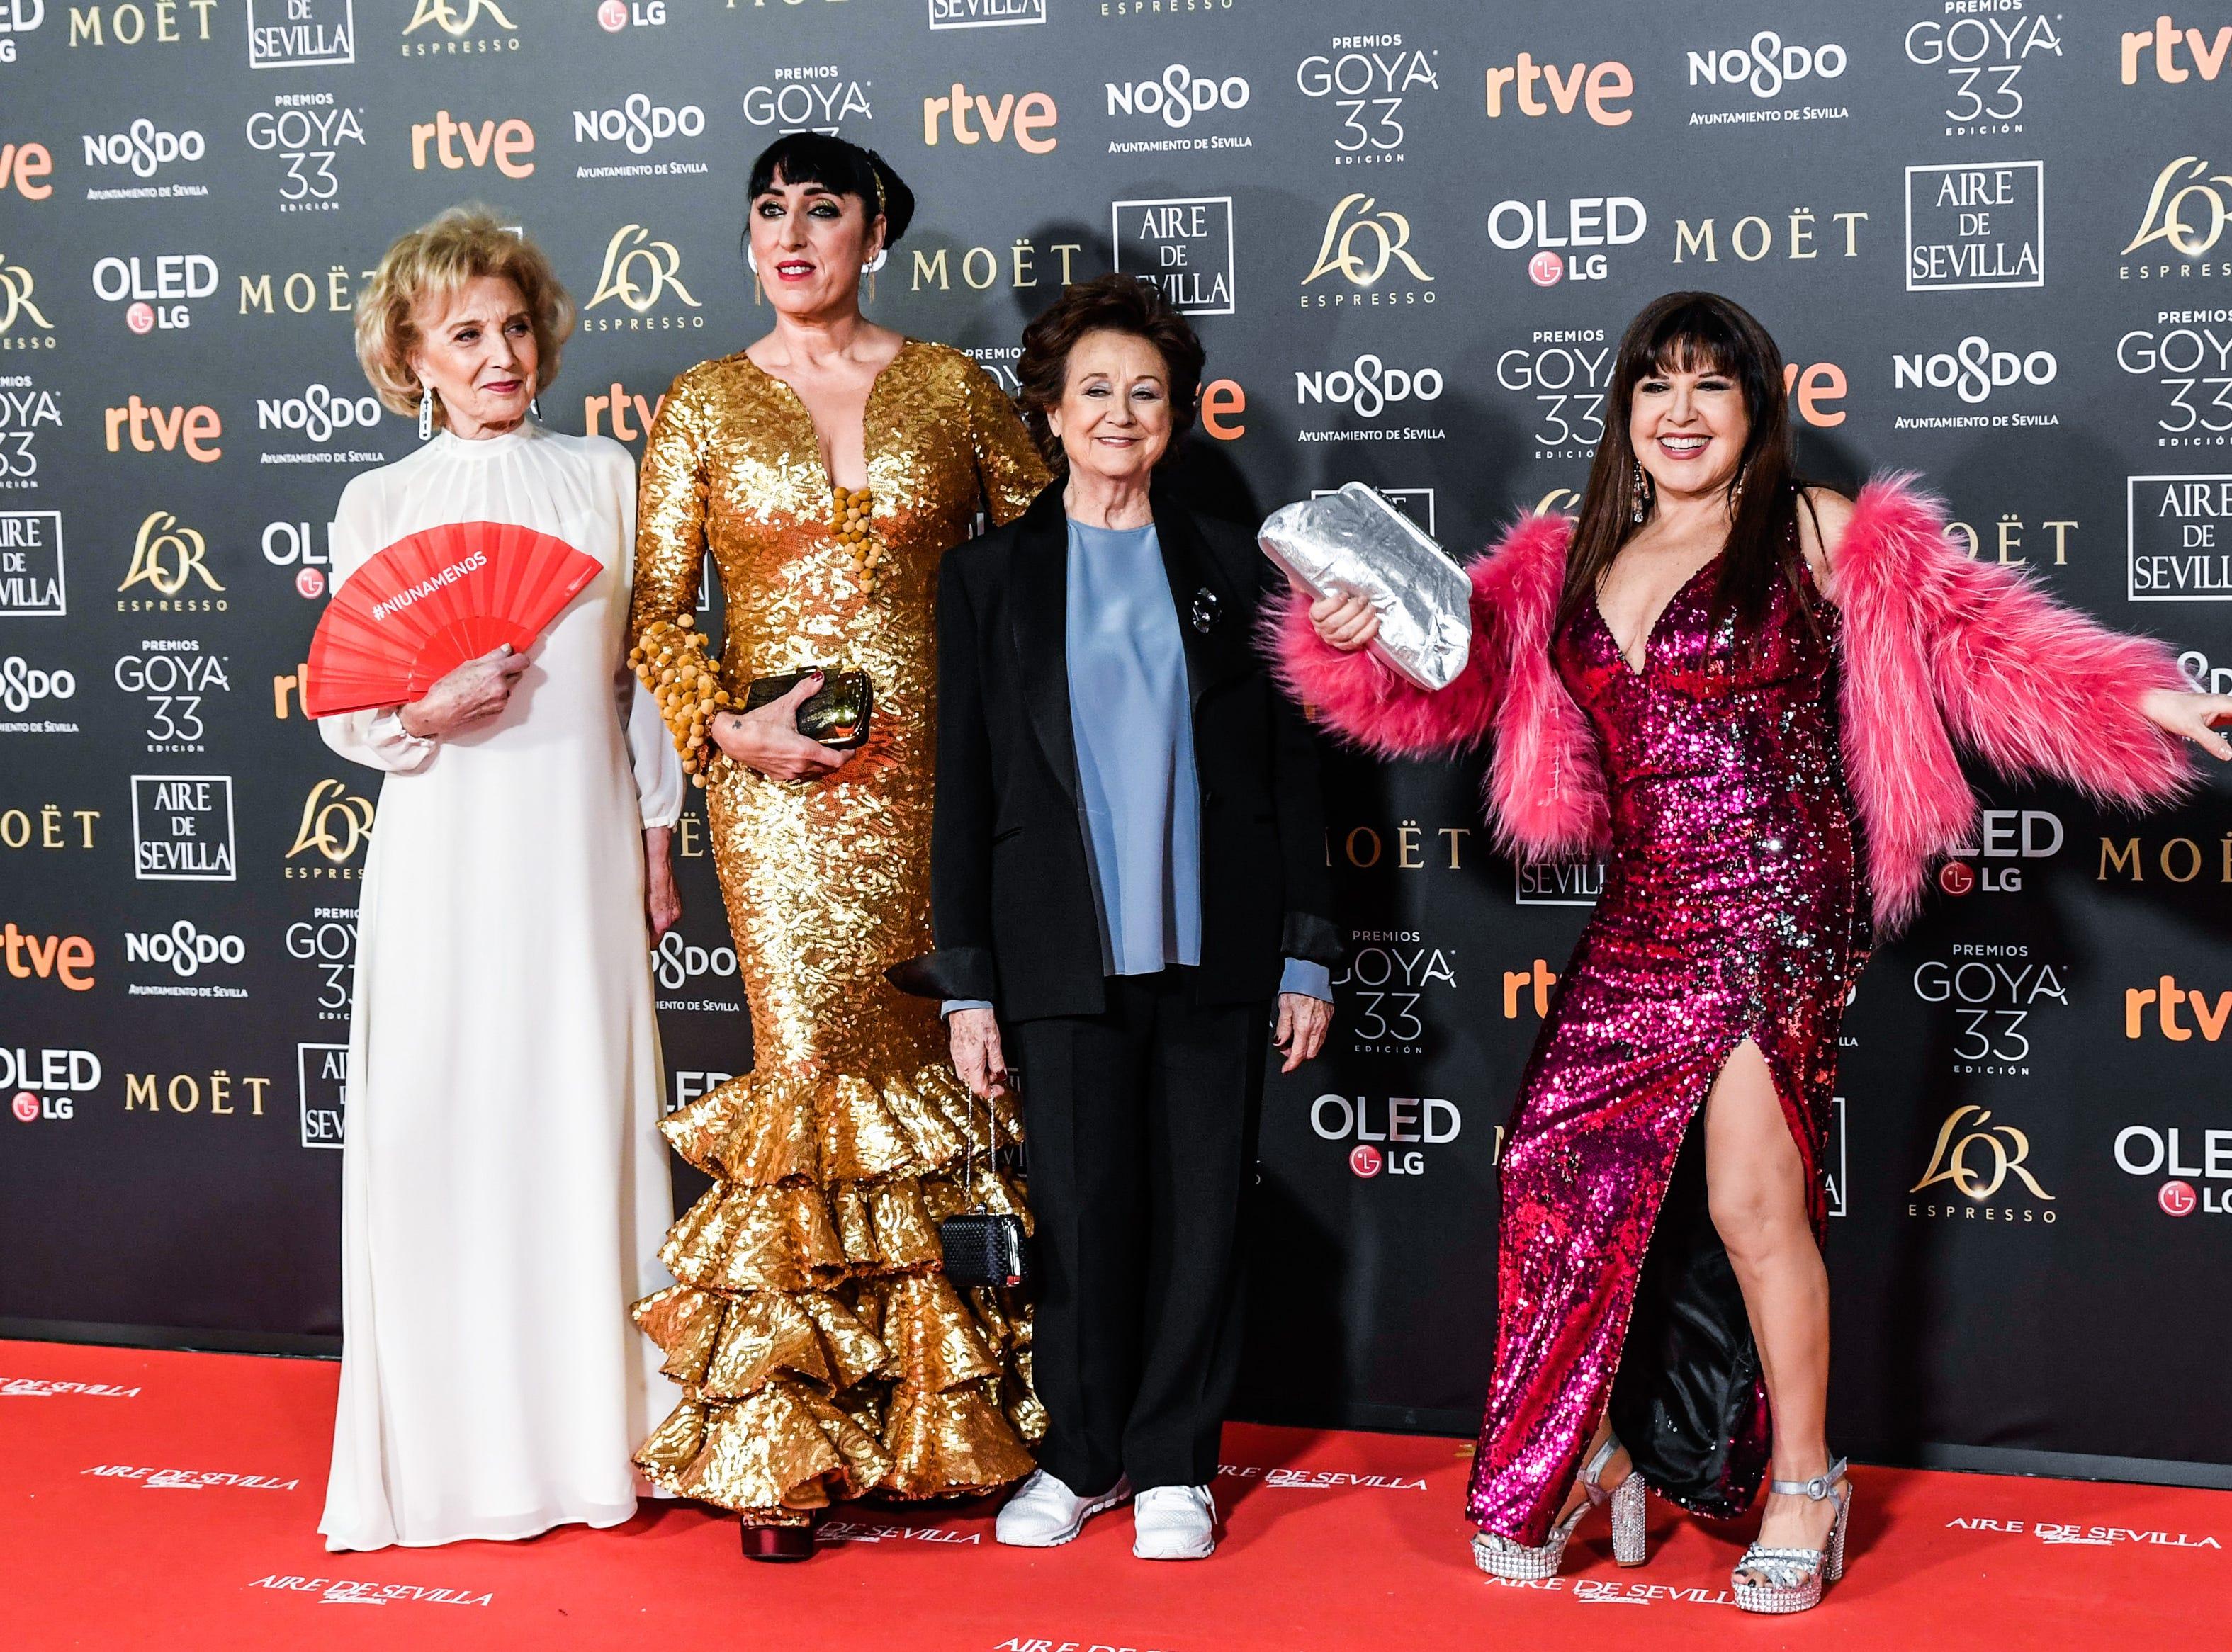 Marisa Paredes, Rossy de Palma, Julieta Serrano y Loles León asisten a la 33ª edición de los Premios de Cine Goya en el Palacio de Congresos y Exposiciones FIBES el 2 de febrero de 2019 en Sevilla, España.